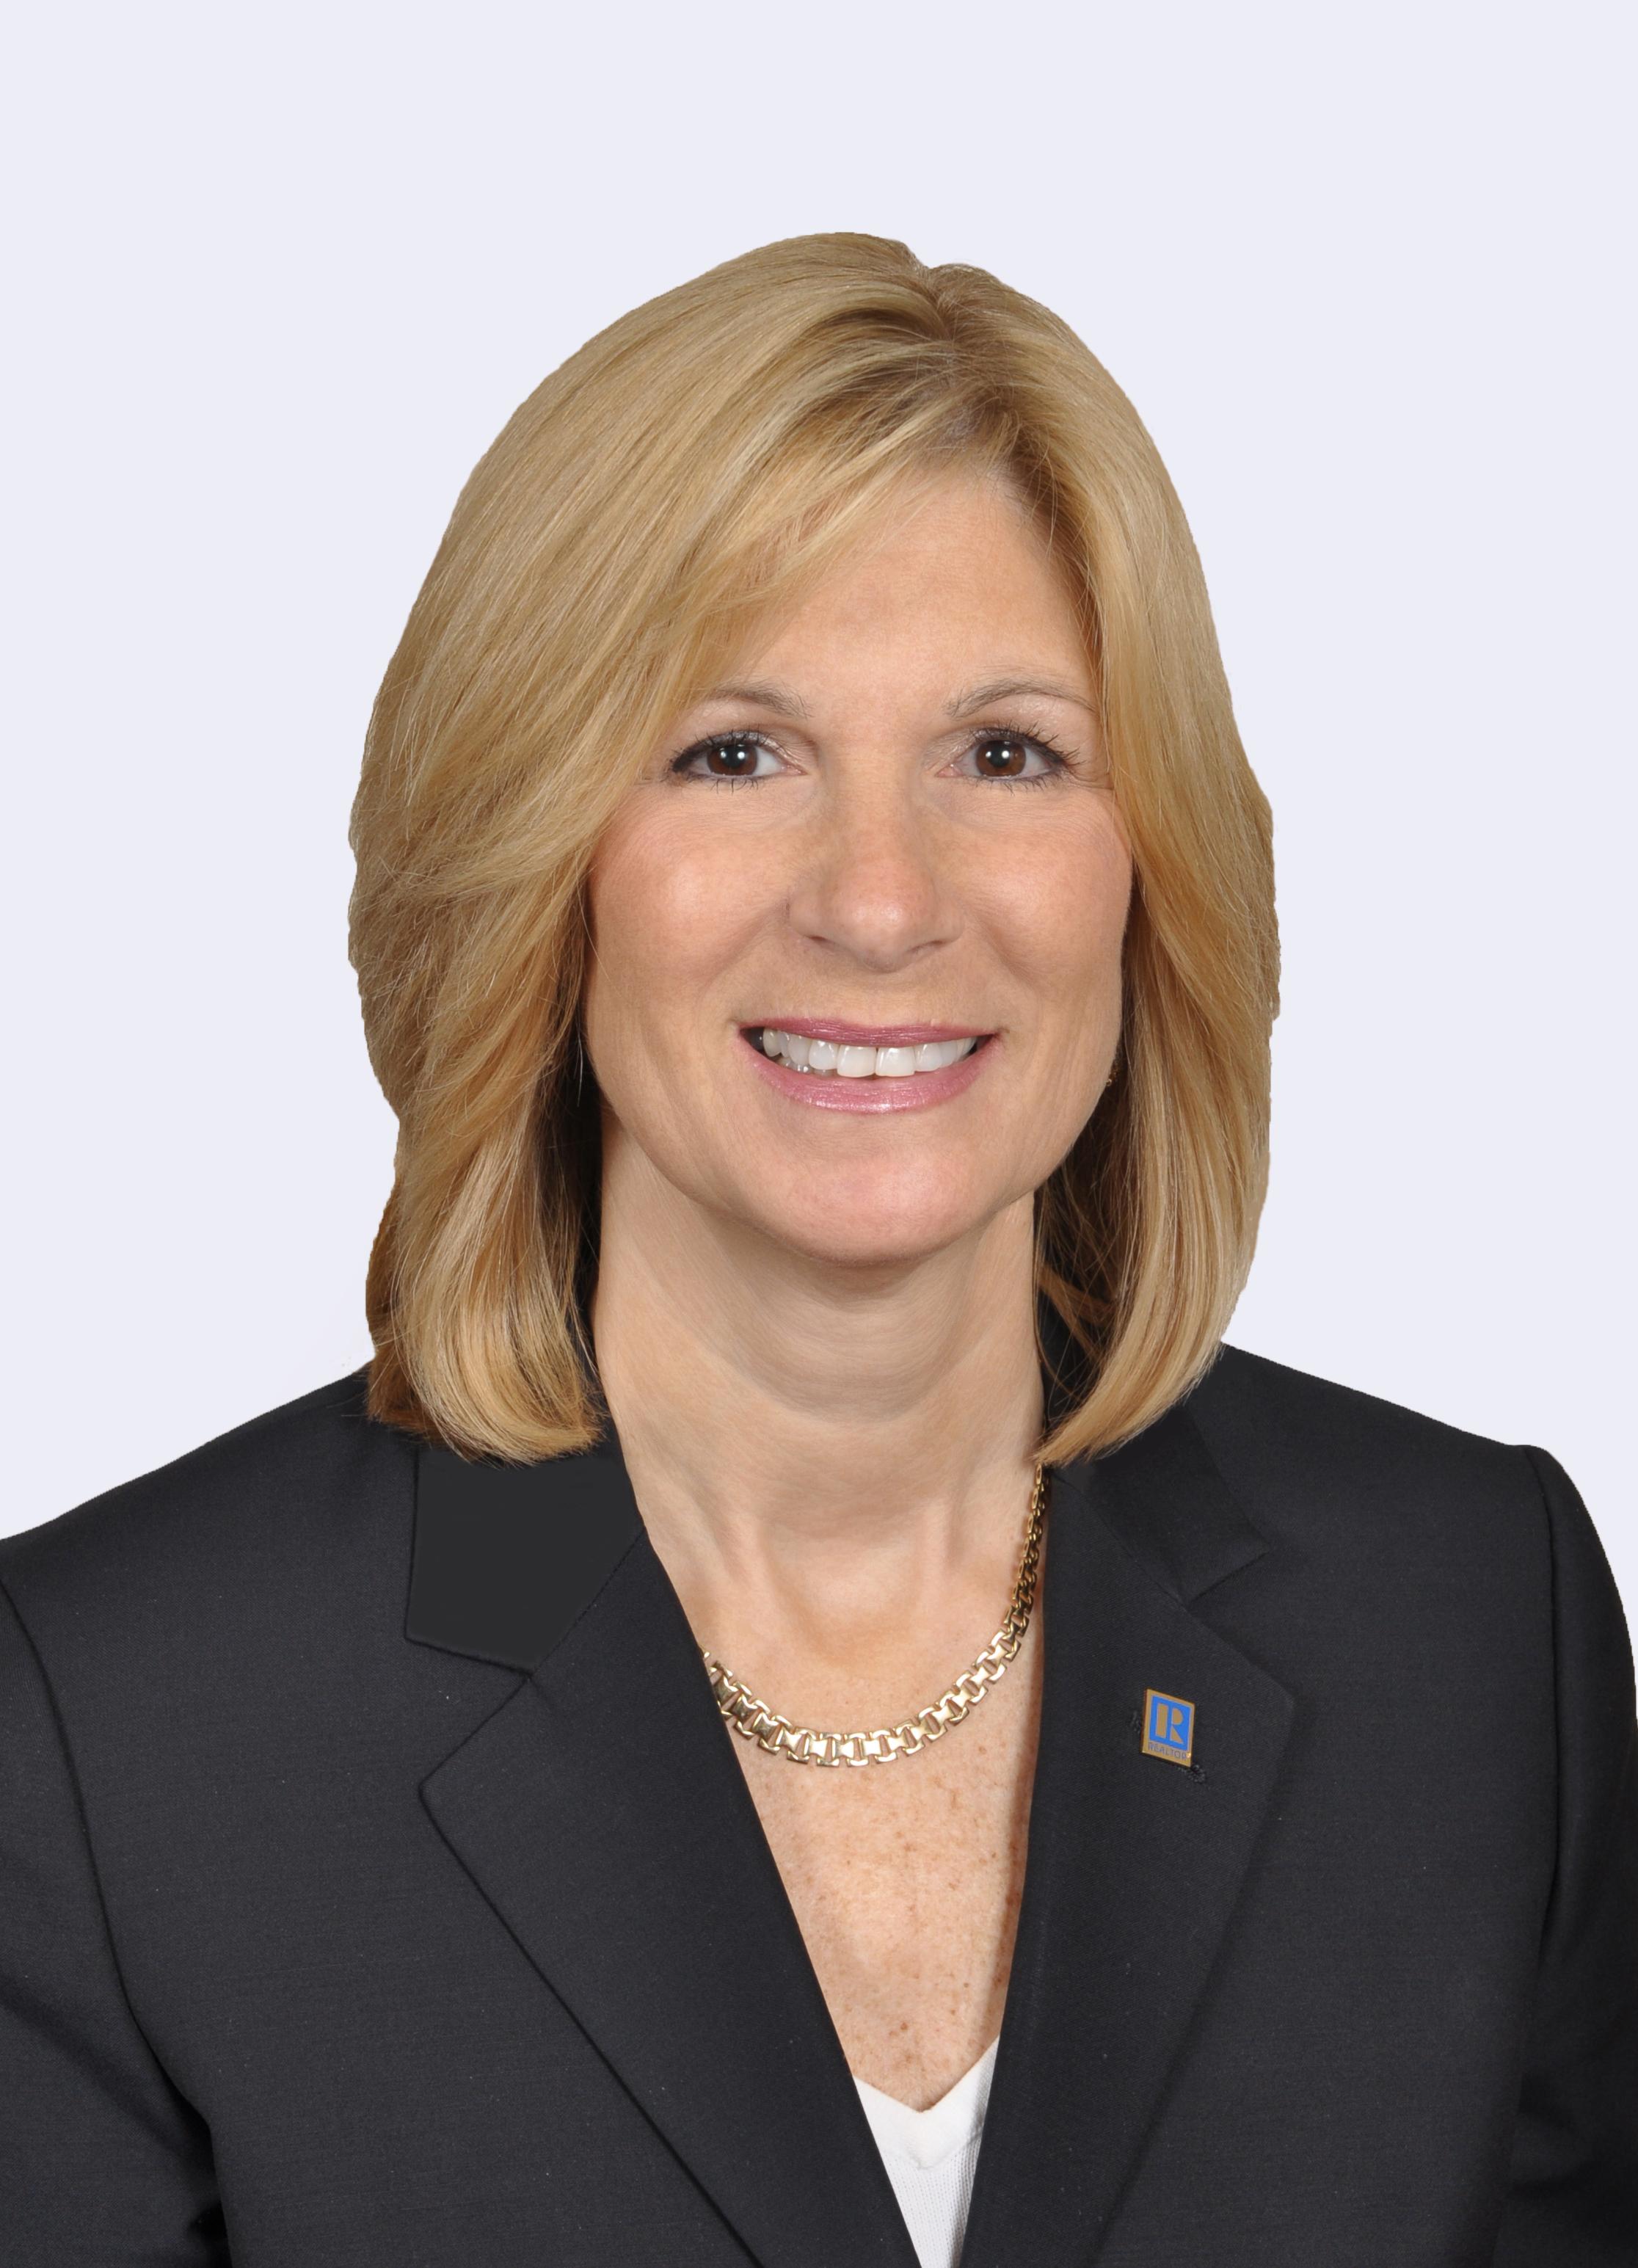 Lois Fedele